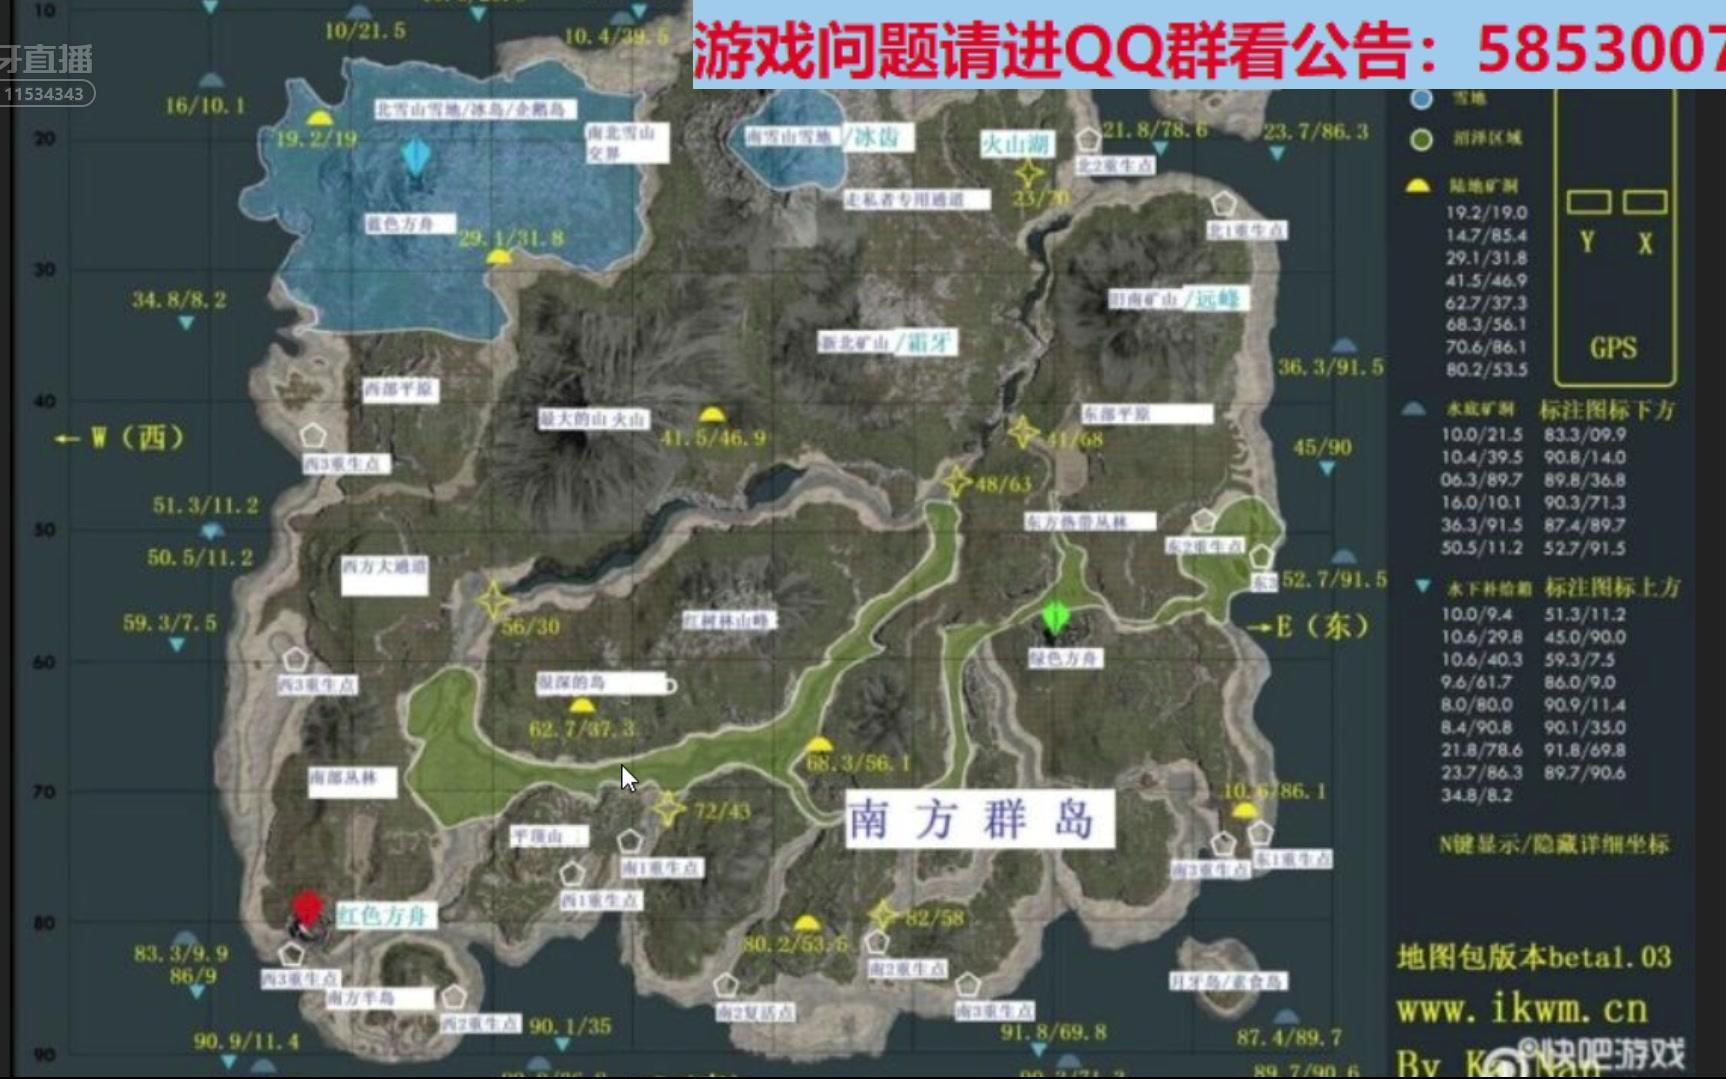 【方舟手游教学】终于知道在哪建家啦 地图位置和物资点介绍